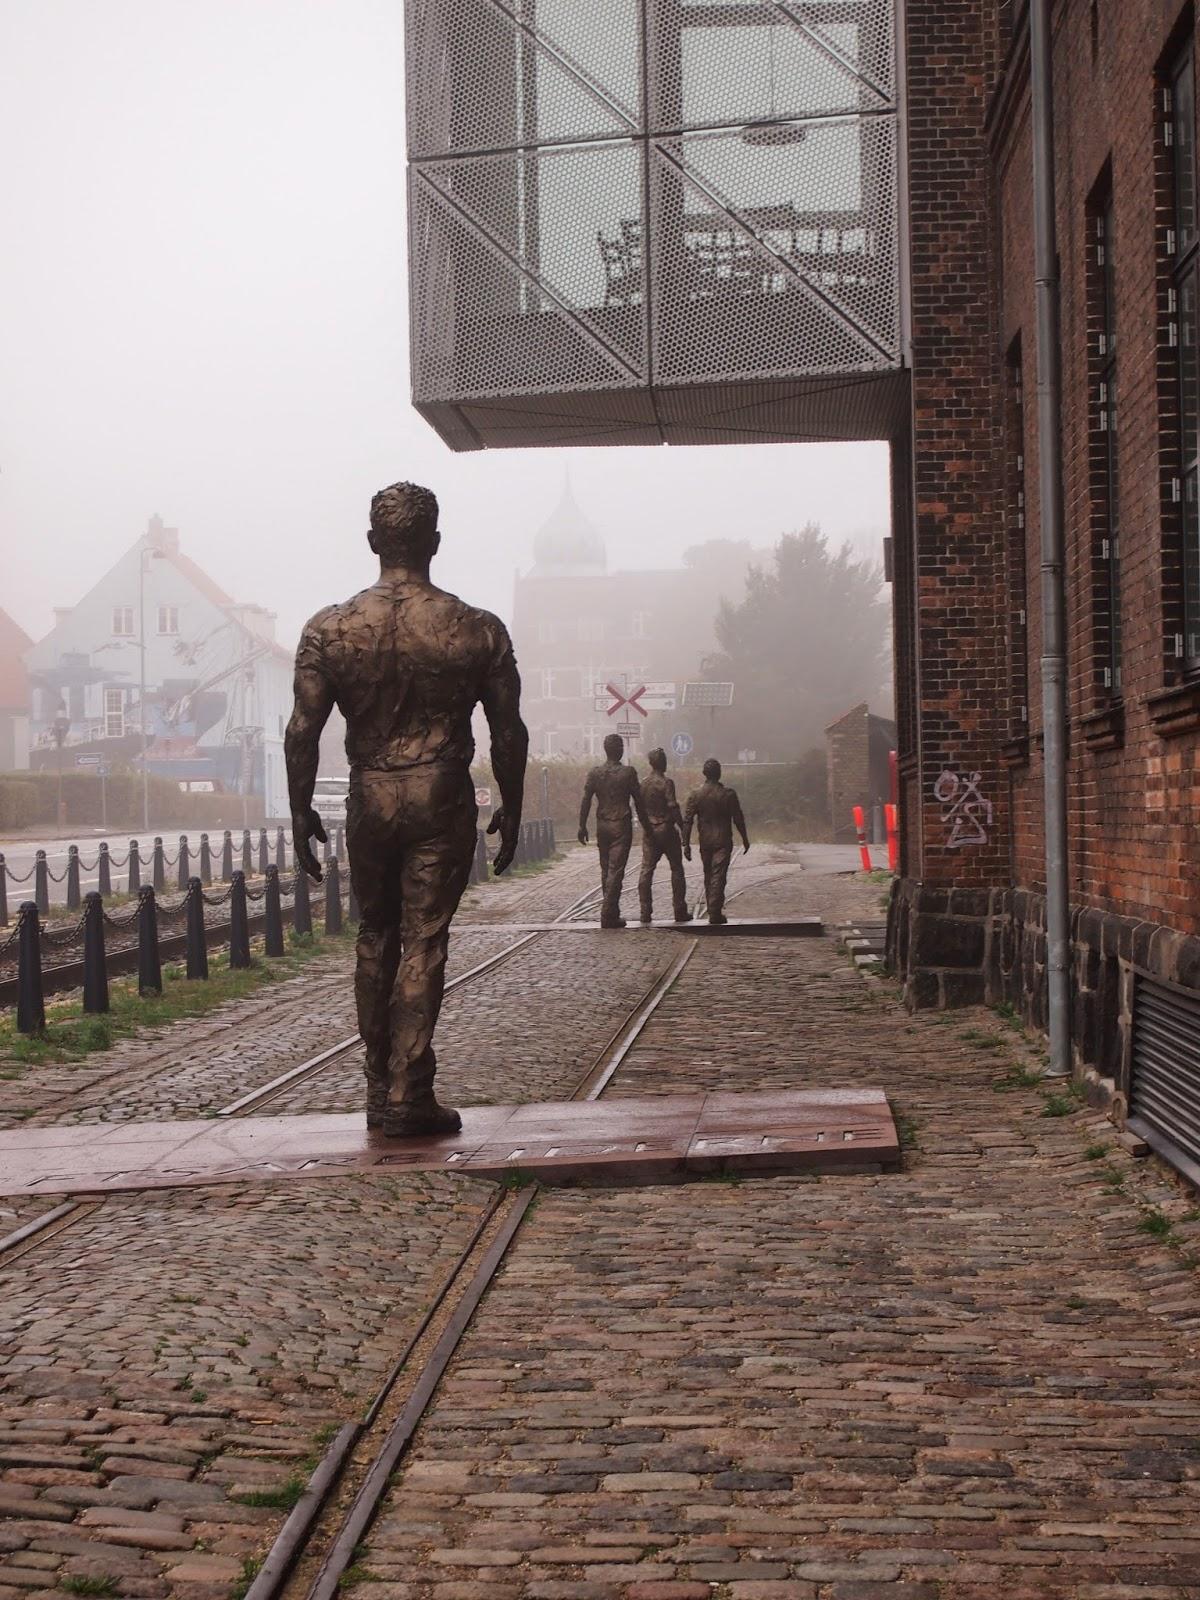 walking men statues in the culture yard in Helsingor